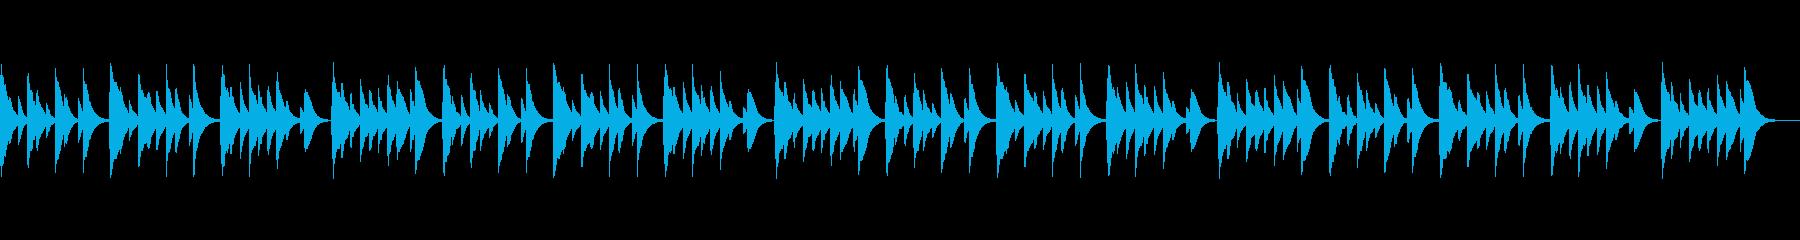 安心感で包み込んでくれる安らぎ音楽の再生済みの波形